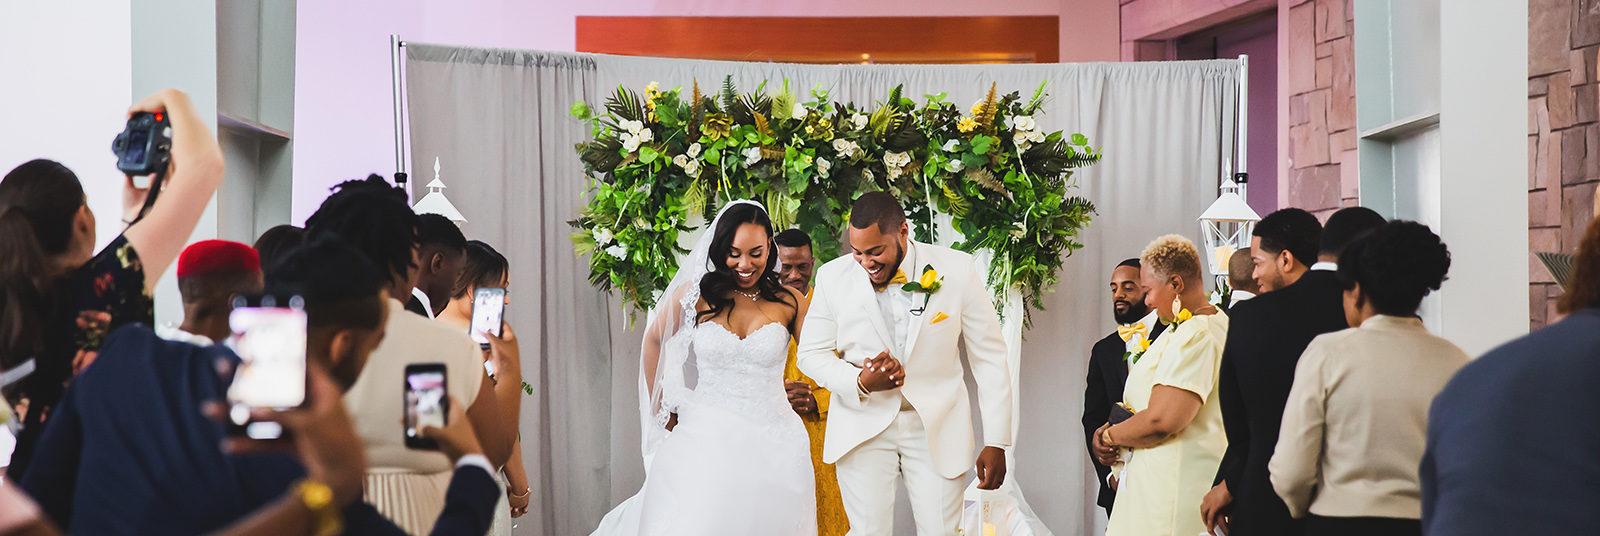 Wedding Ceremony in Rapp Reception Hall